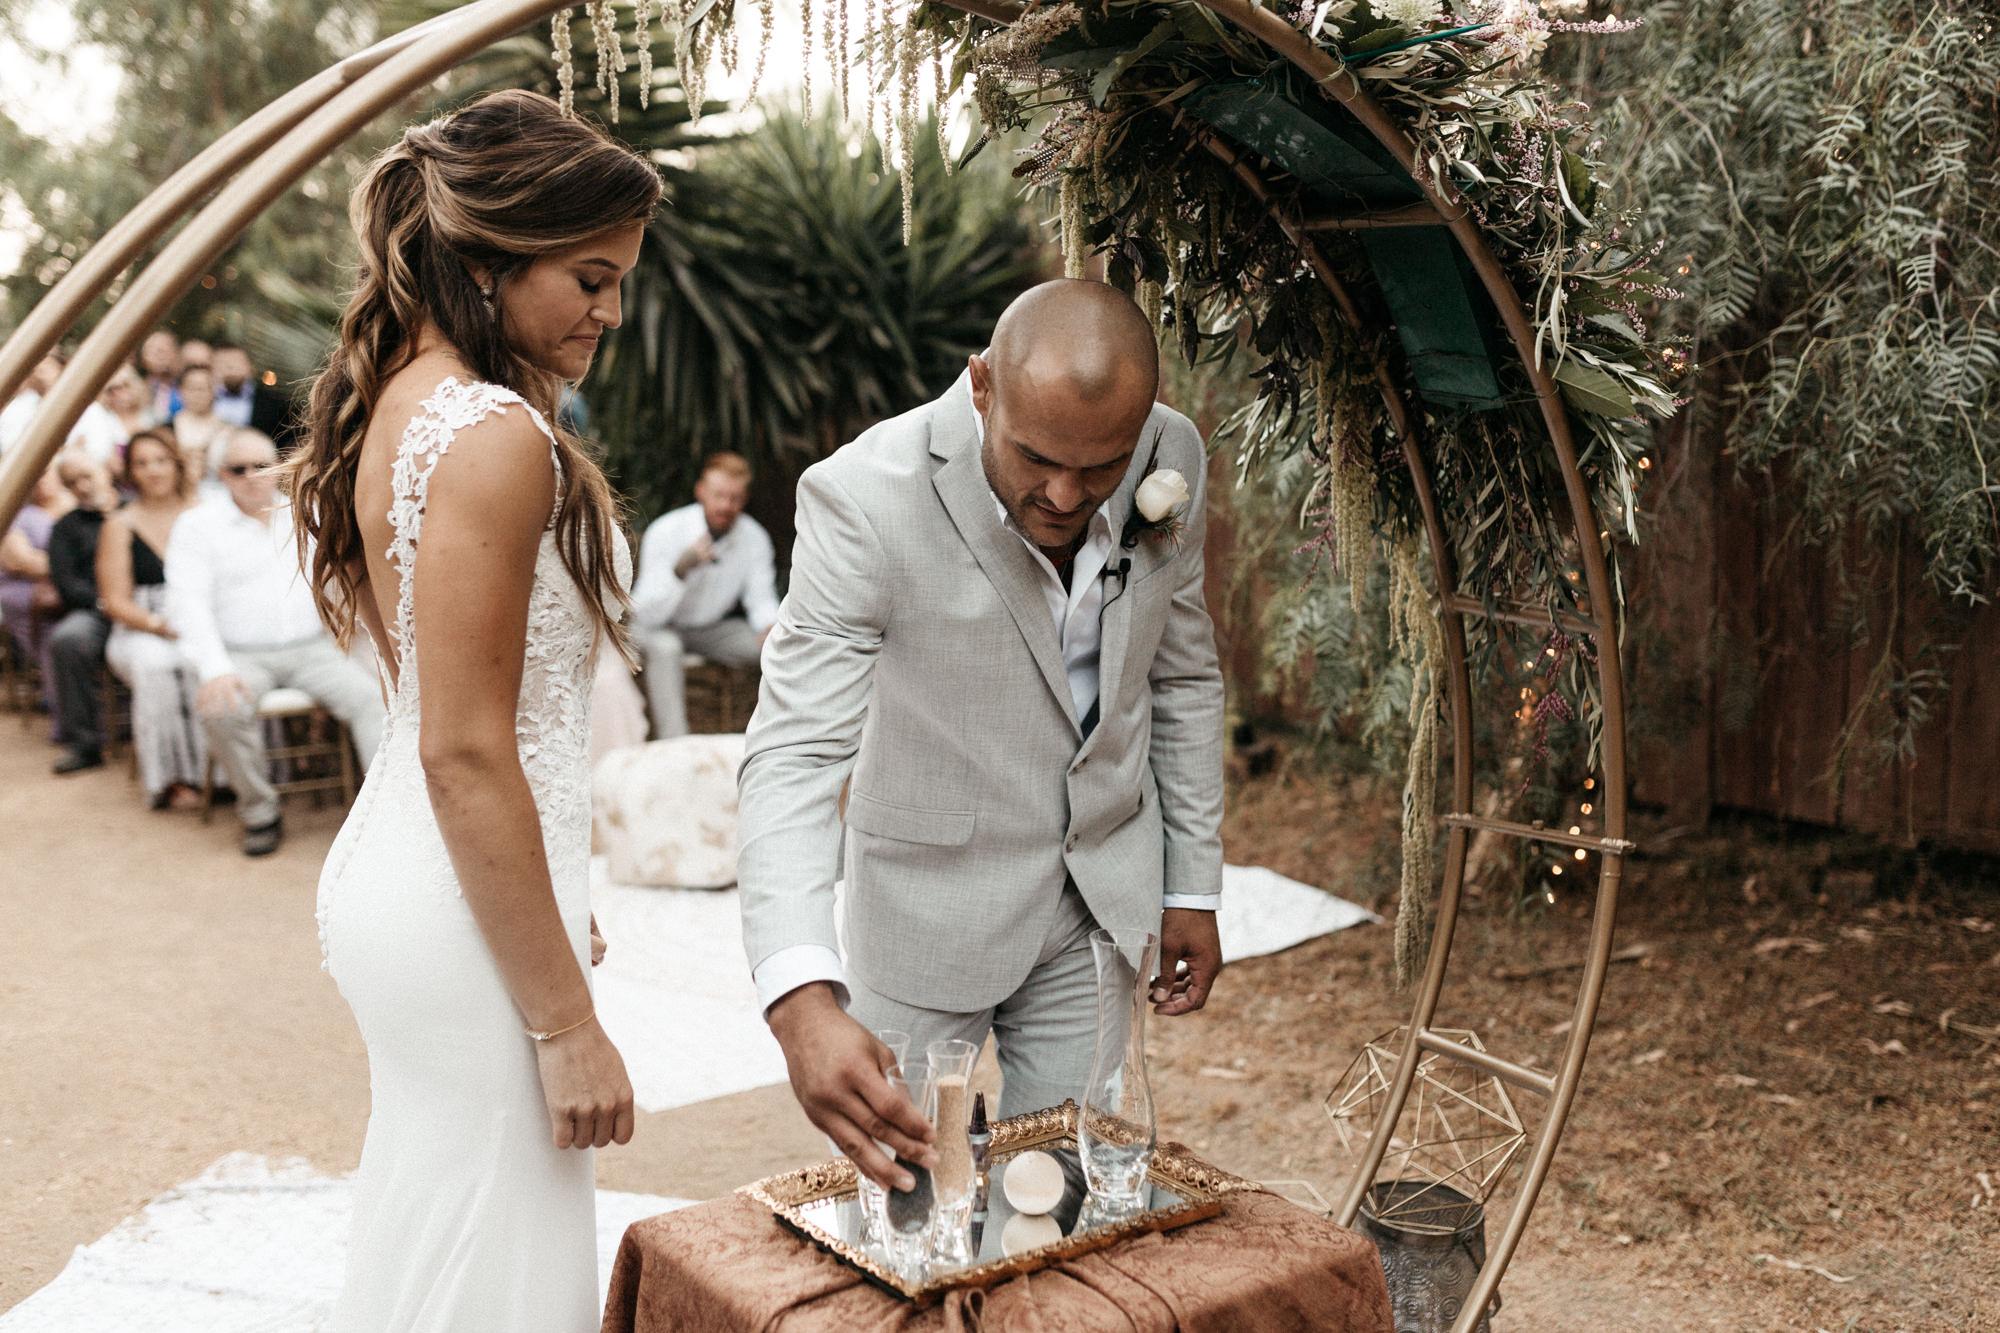 the_fire_garden_wedding-39.jpg